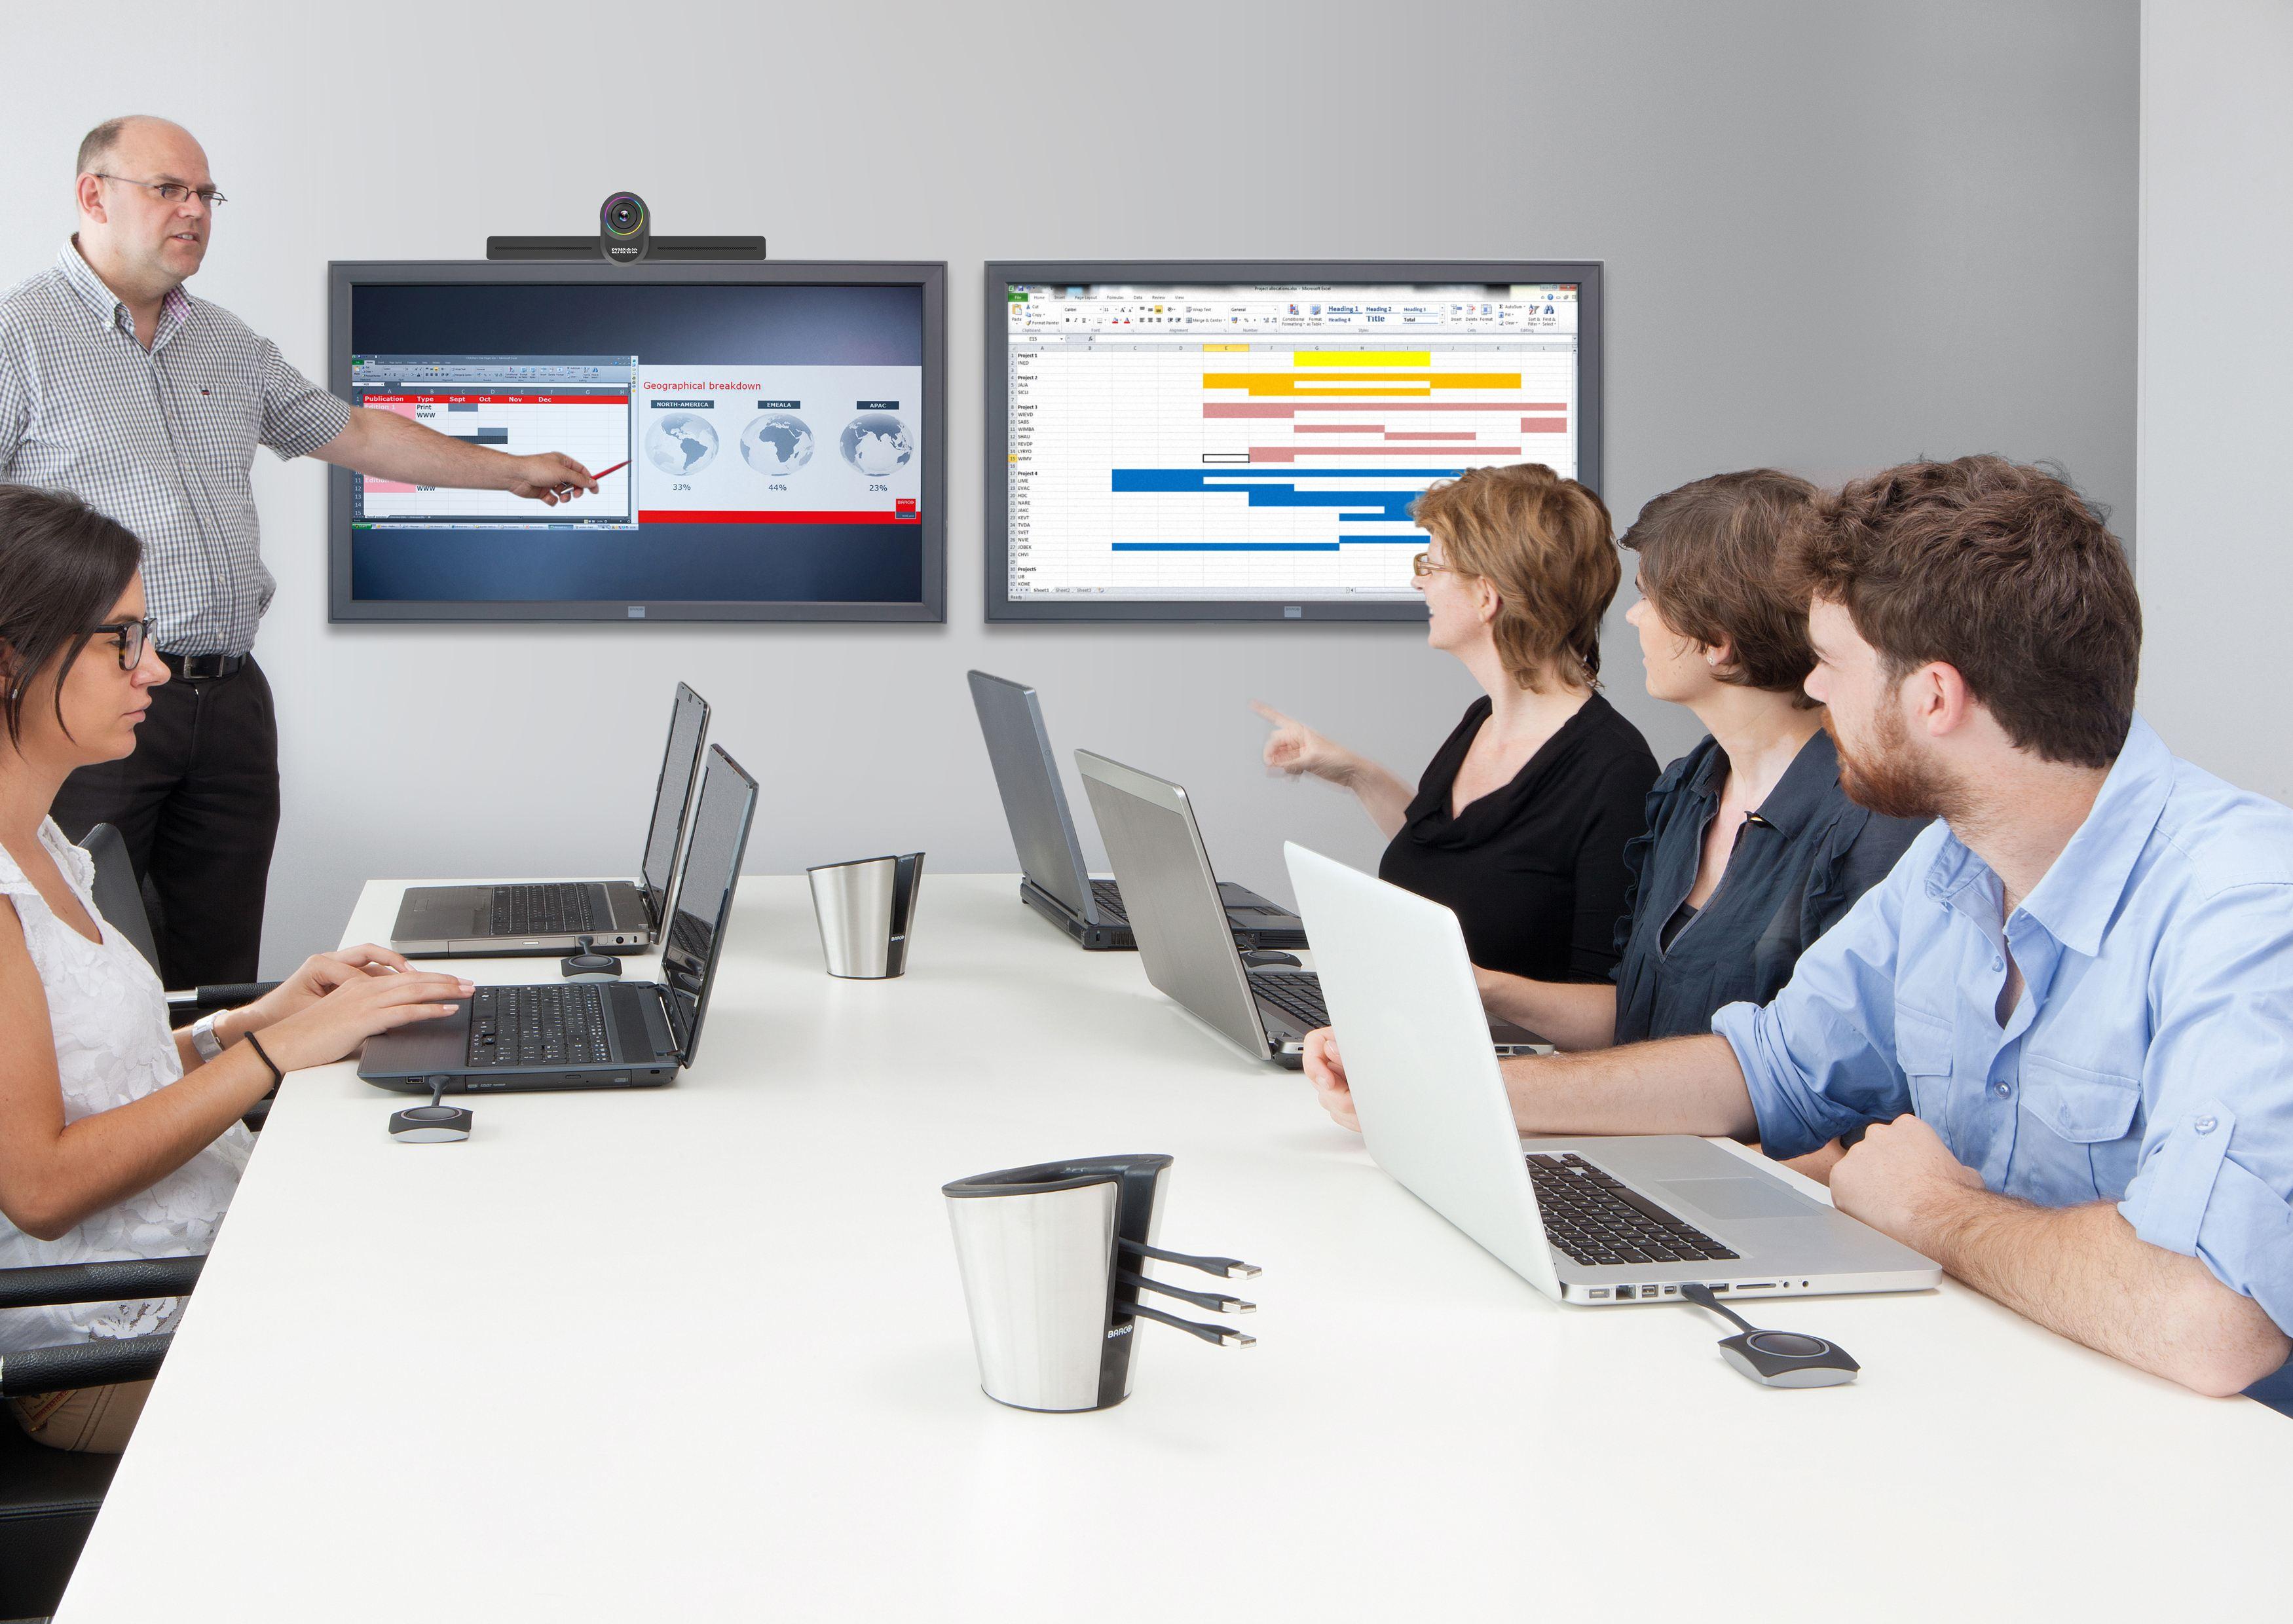 企业视频会议